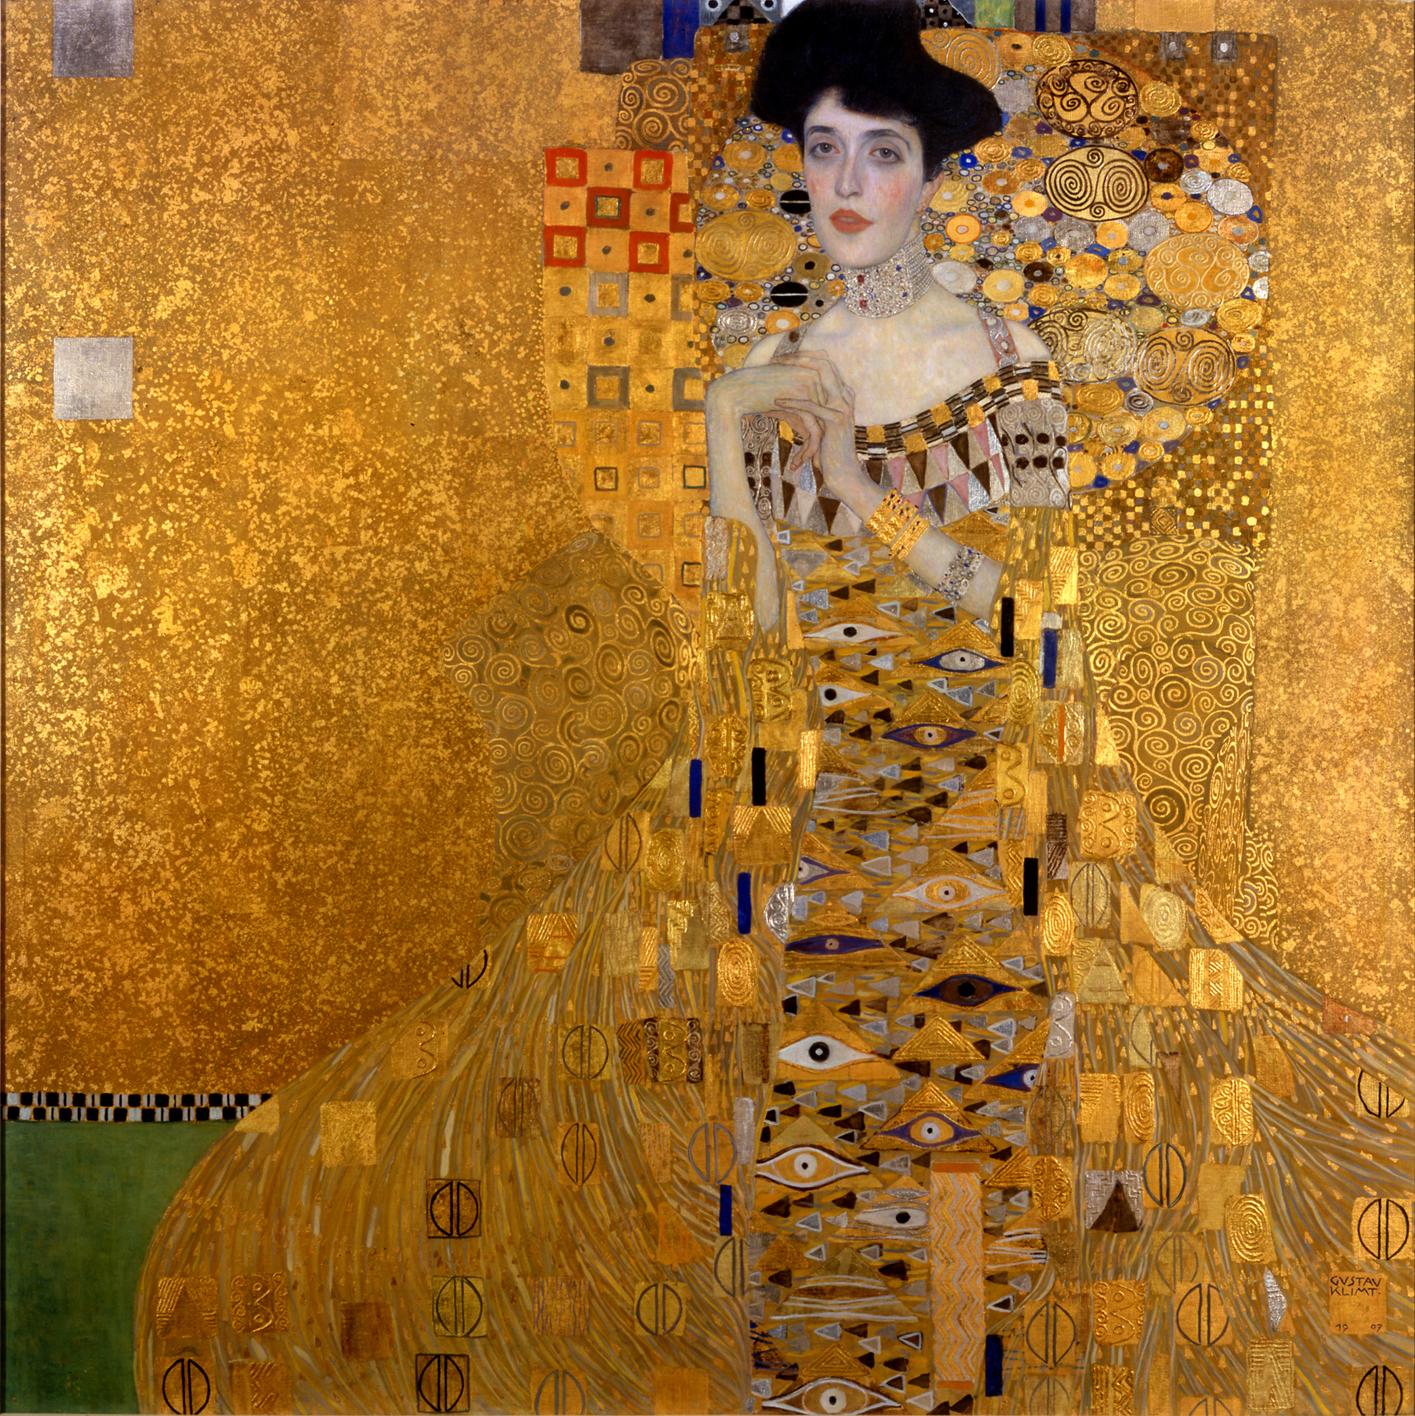 17. Ritratto di Adele Bloch-Bauer I – Gustav Klimt (1907) - Neue Galerie, New York